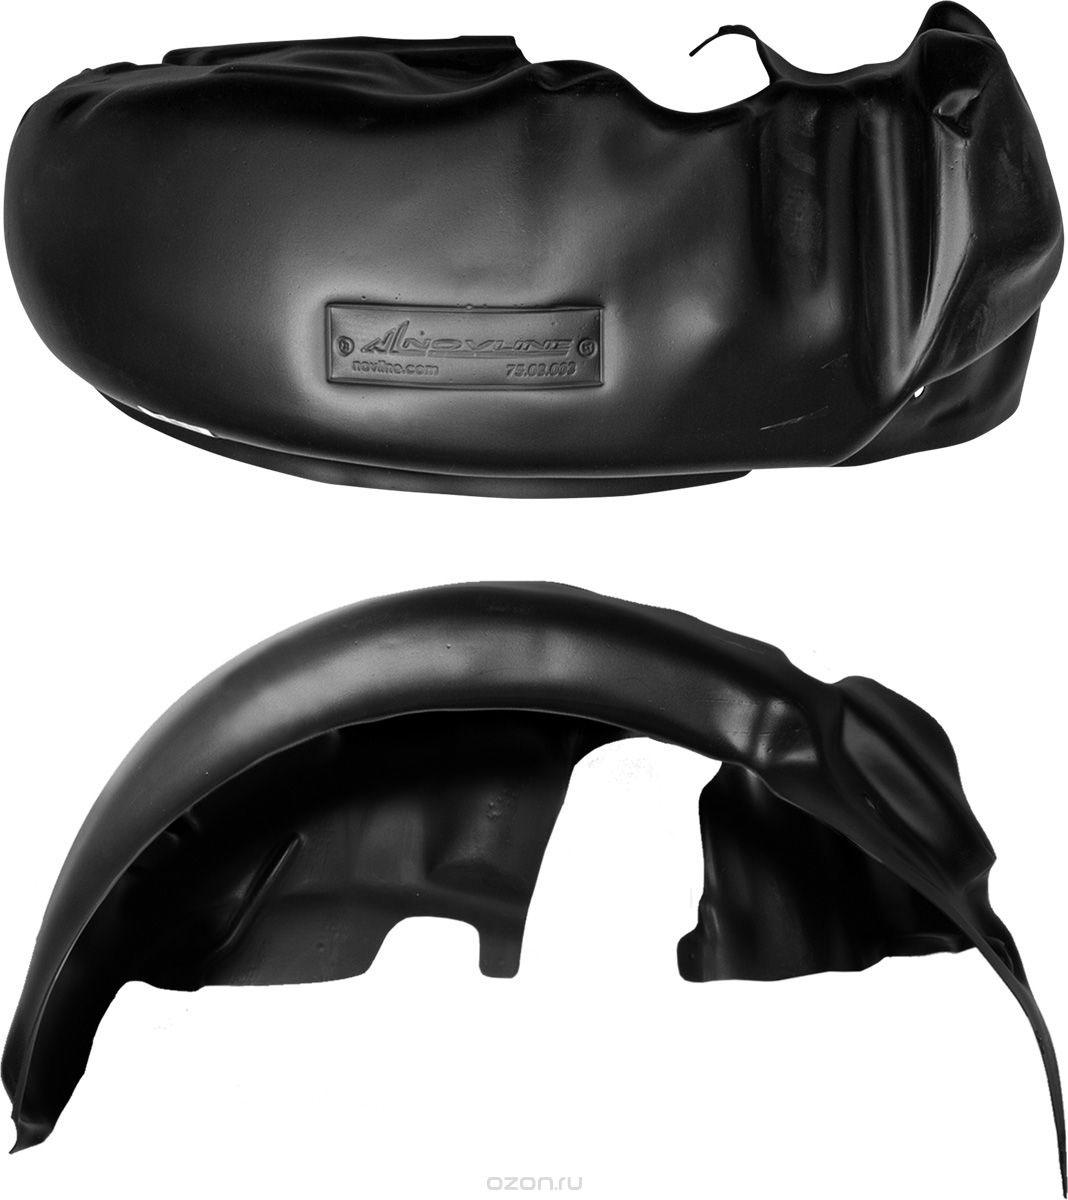 Подкрылок Novline-Autofamily, для Mitsubishi Outlander XL, 2005-2009, 2009-2012, передний правыйNLL.35.14.002Идеальная защита колесной ниши. Локеры разработаны с применением цифровых технологий, гарантируют максимальную повторяемость поверхности арки. Изделия устанавливаются без нарушения лакокрасочного покрытия автомобиля, каждый подкрылок комплектуется крепежом. Уважаемые клиенты, обращаем ваше внимание, что фотографии на подкрылки универсальные и не отражают реальную форму изделия. При этом само изделие идет точно под размер указанного автомобиля.